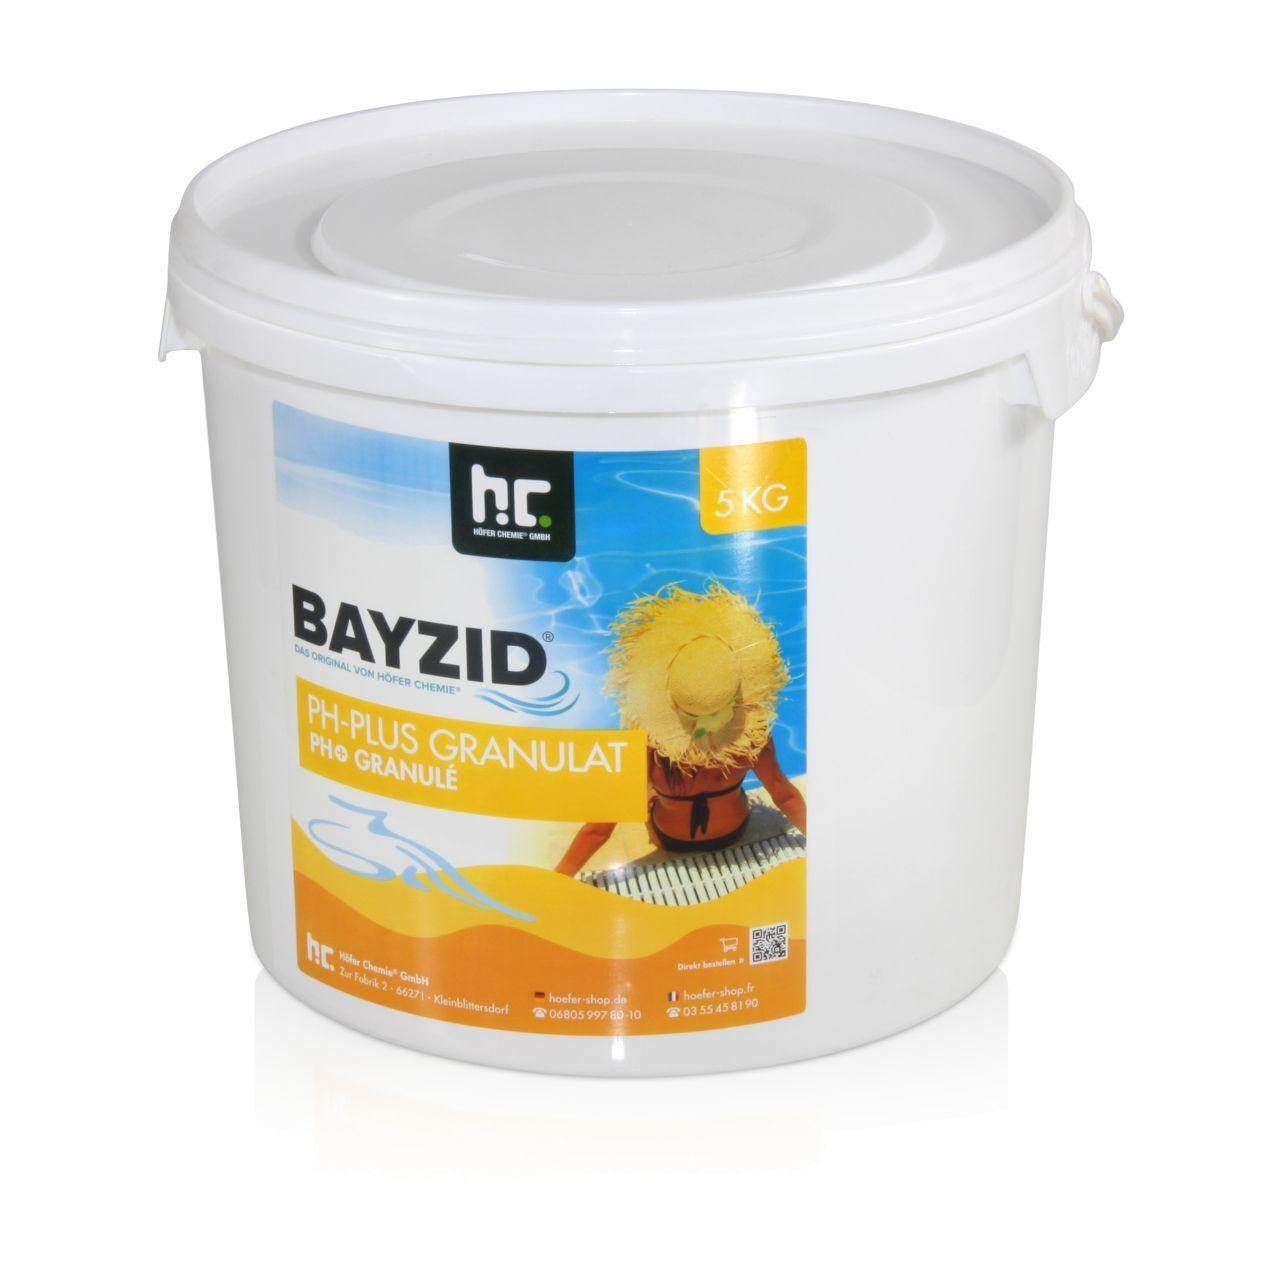 BAYZID 5 kg Bayzid® pH plus granulé (1 x 5 kg)